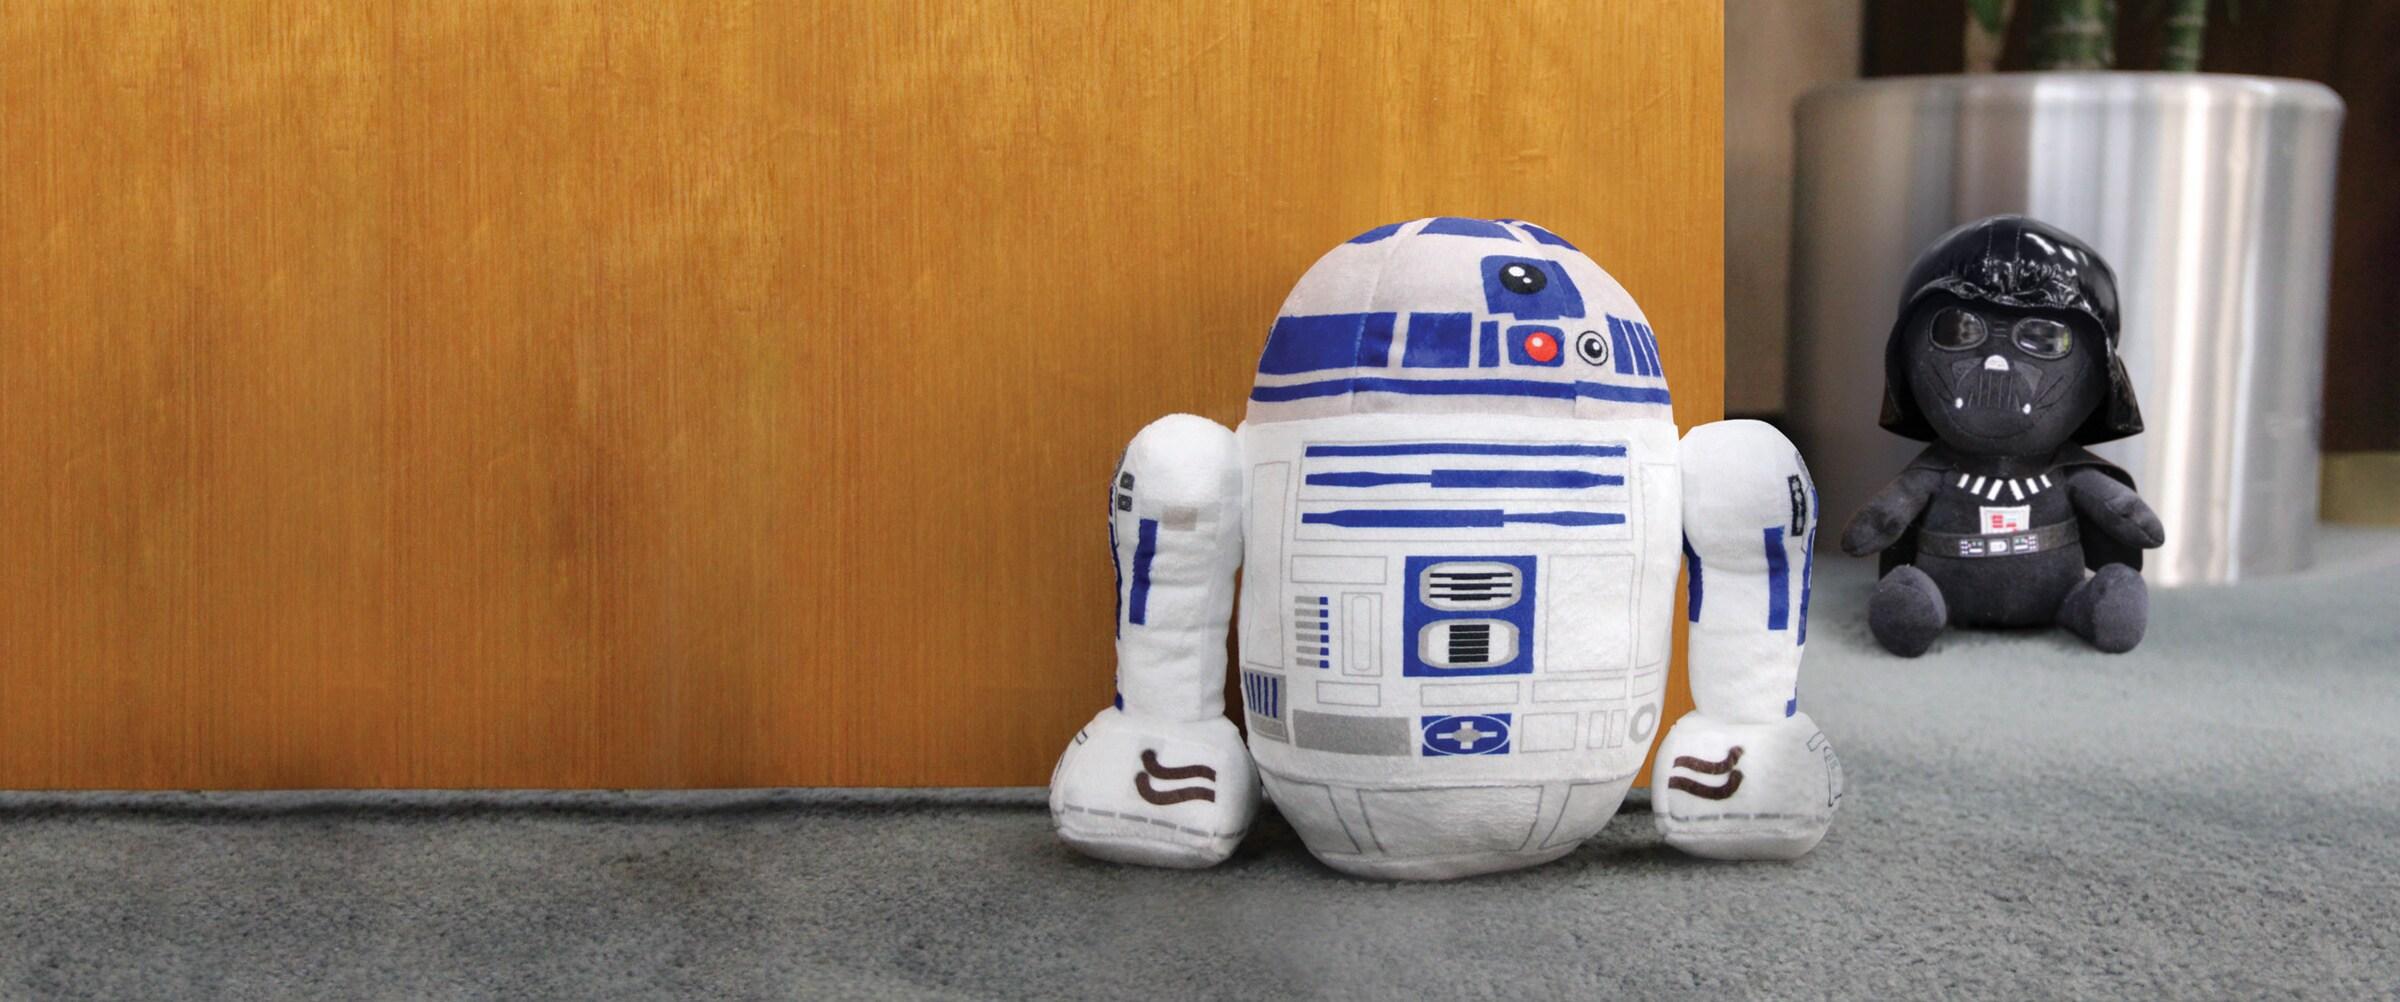 Shop   Shop Star Wars   Hero   Star Wars Door Stops Bunnings